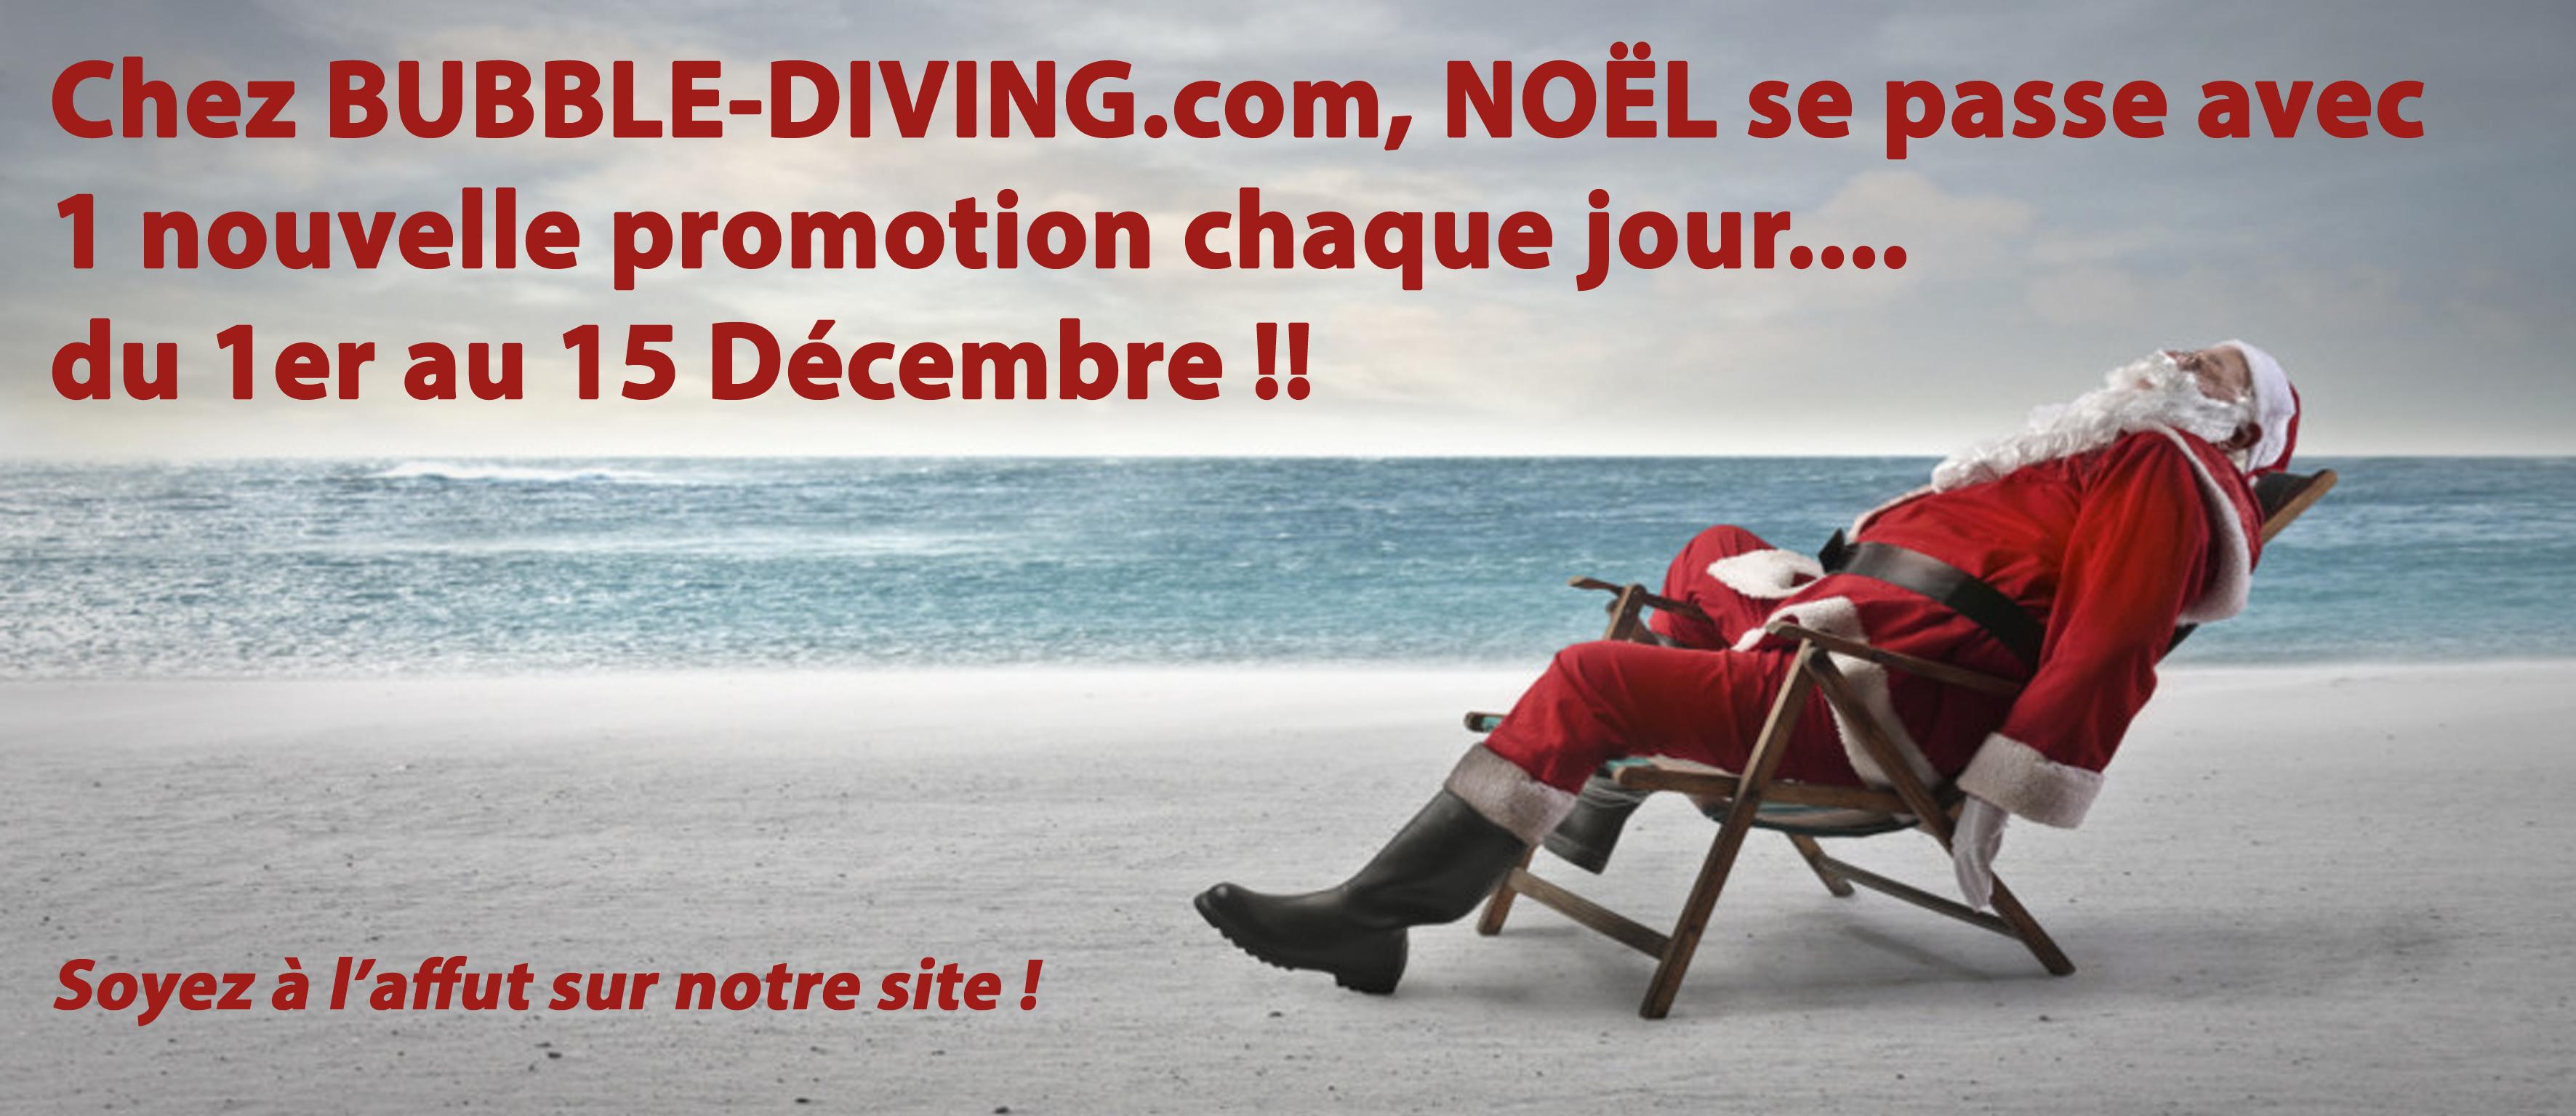 offres noel bubble diving -matériel de plongée